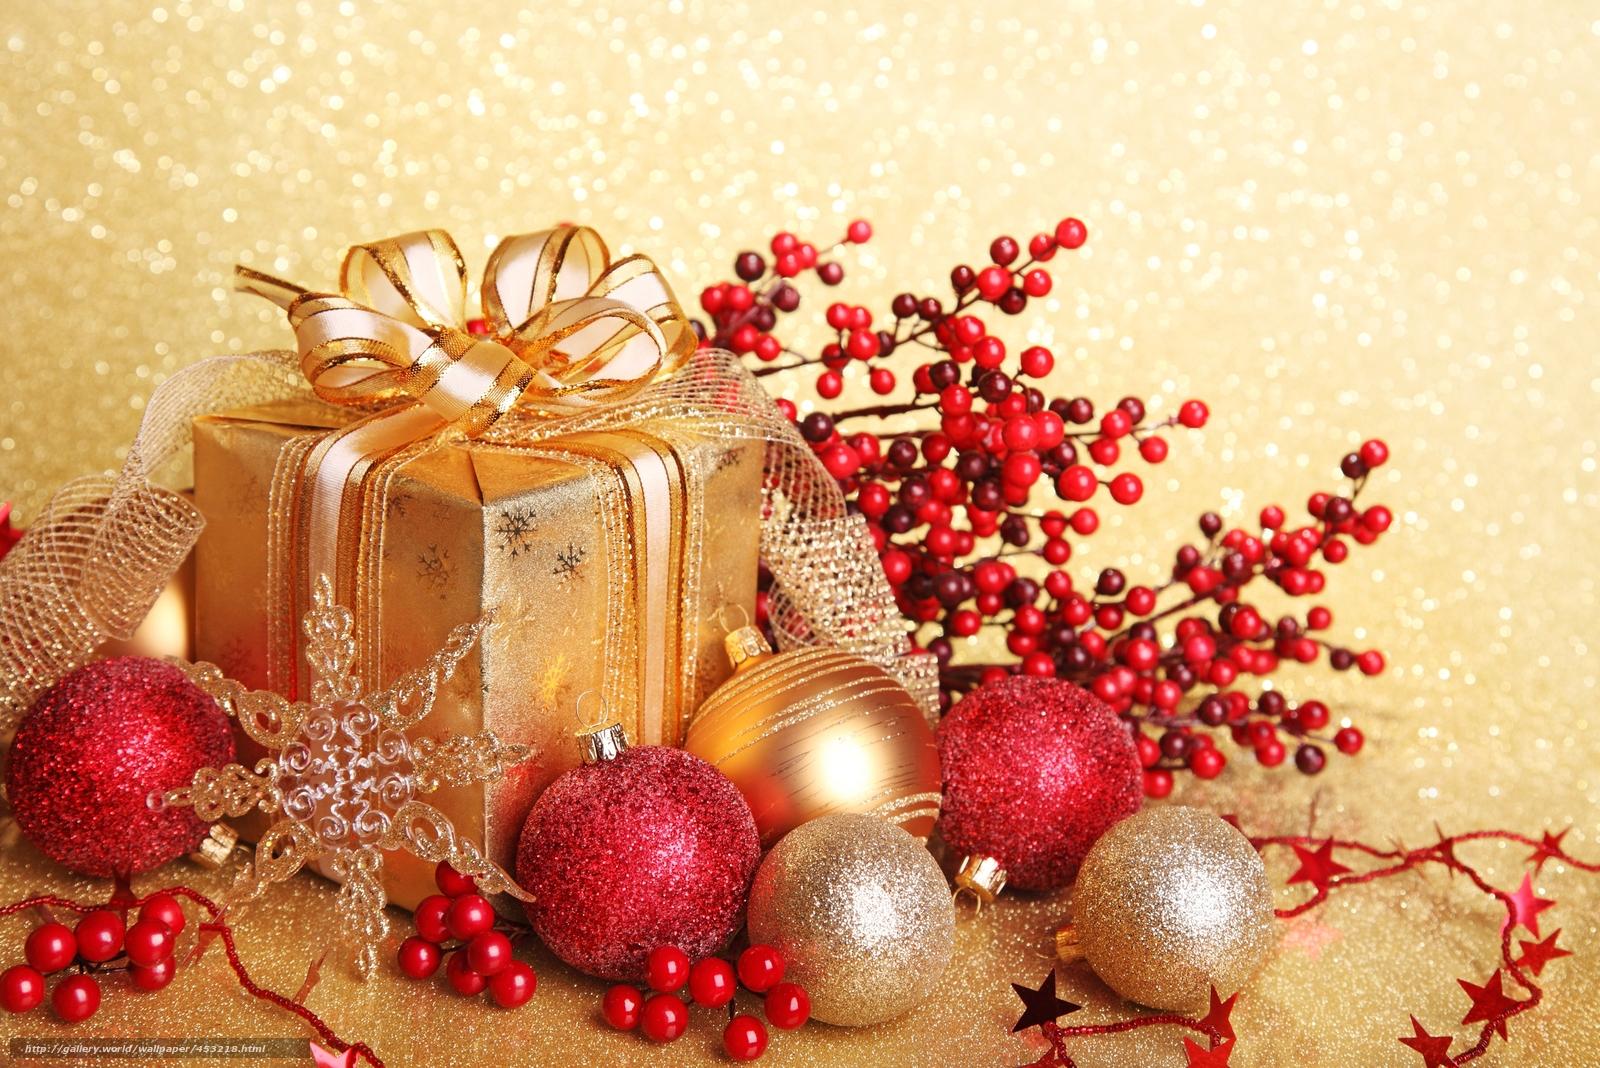 Обои подарок, Коробка, рождество, ёлочные украшения, золотые, шарики. Новый год foto 15